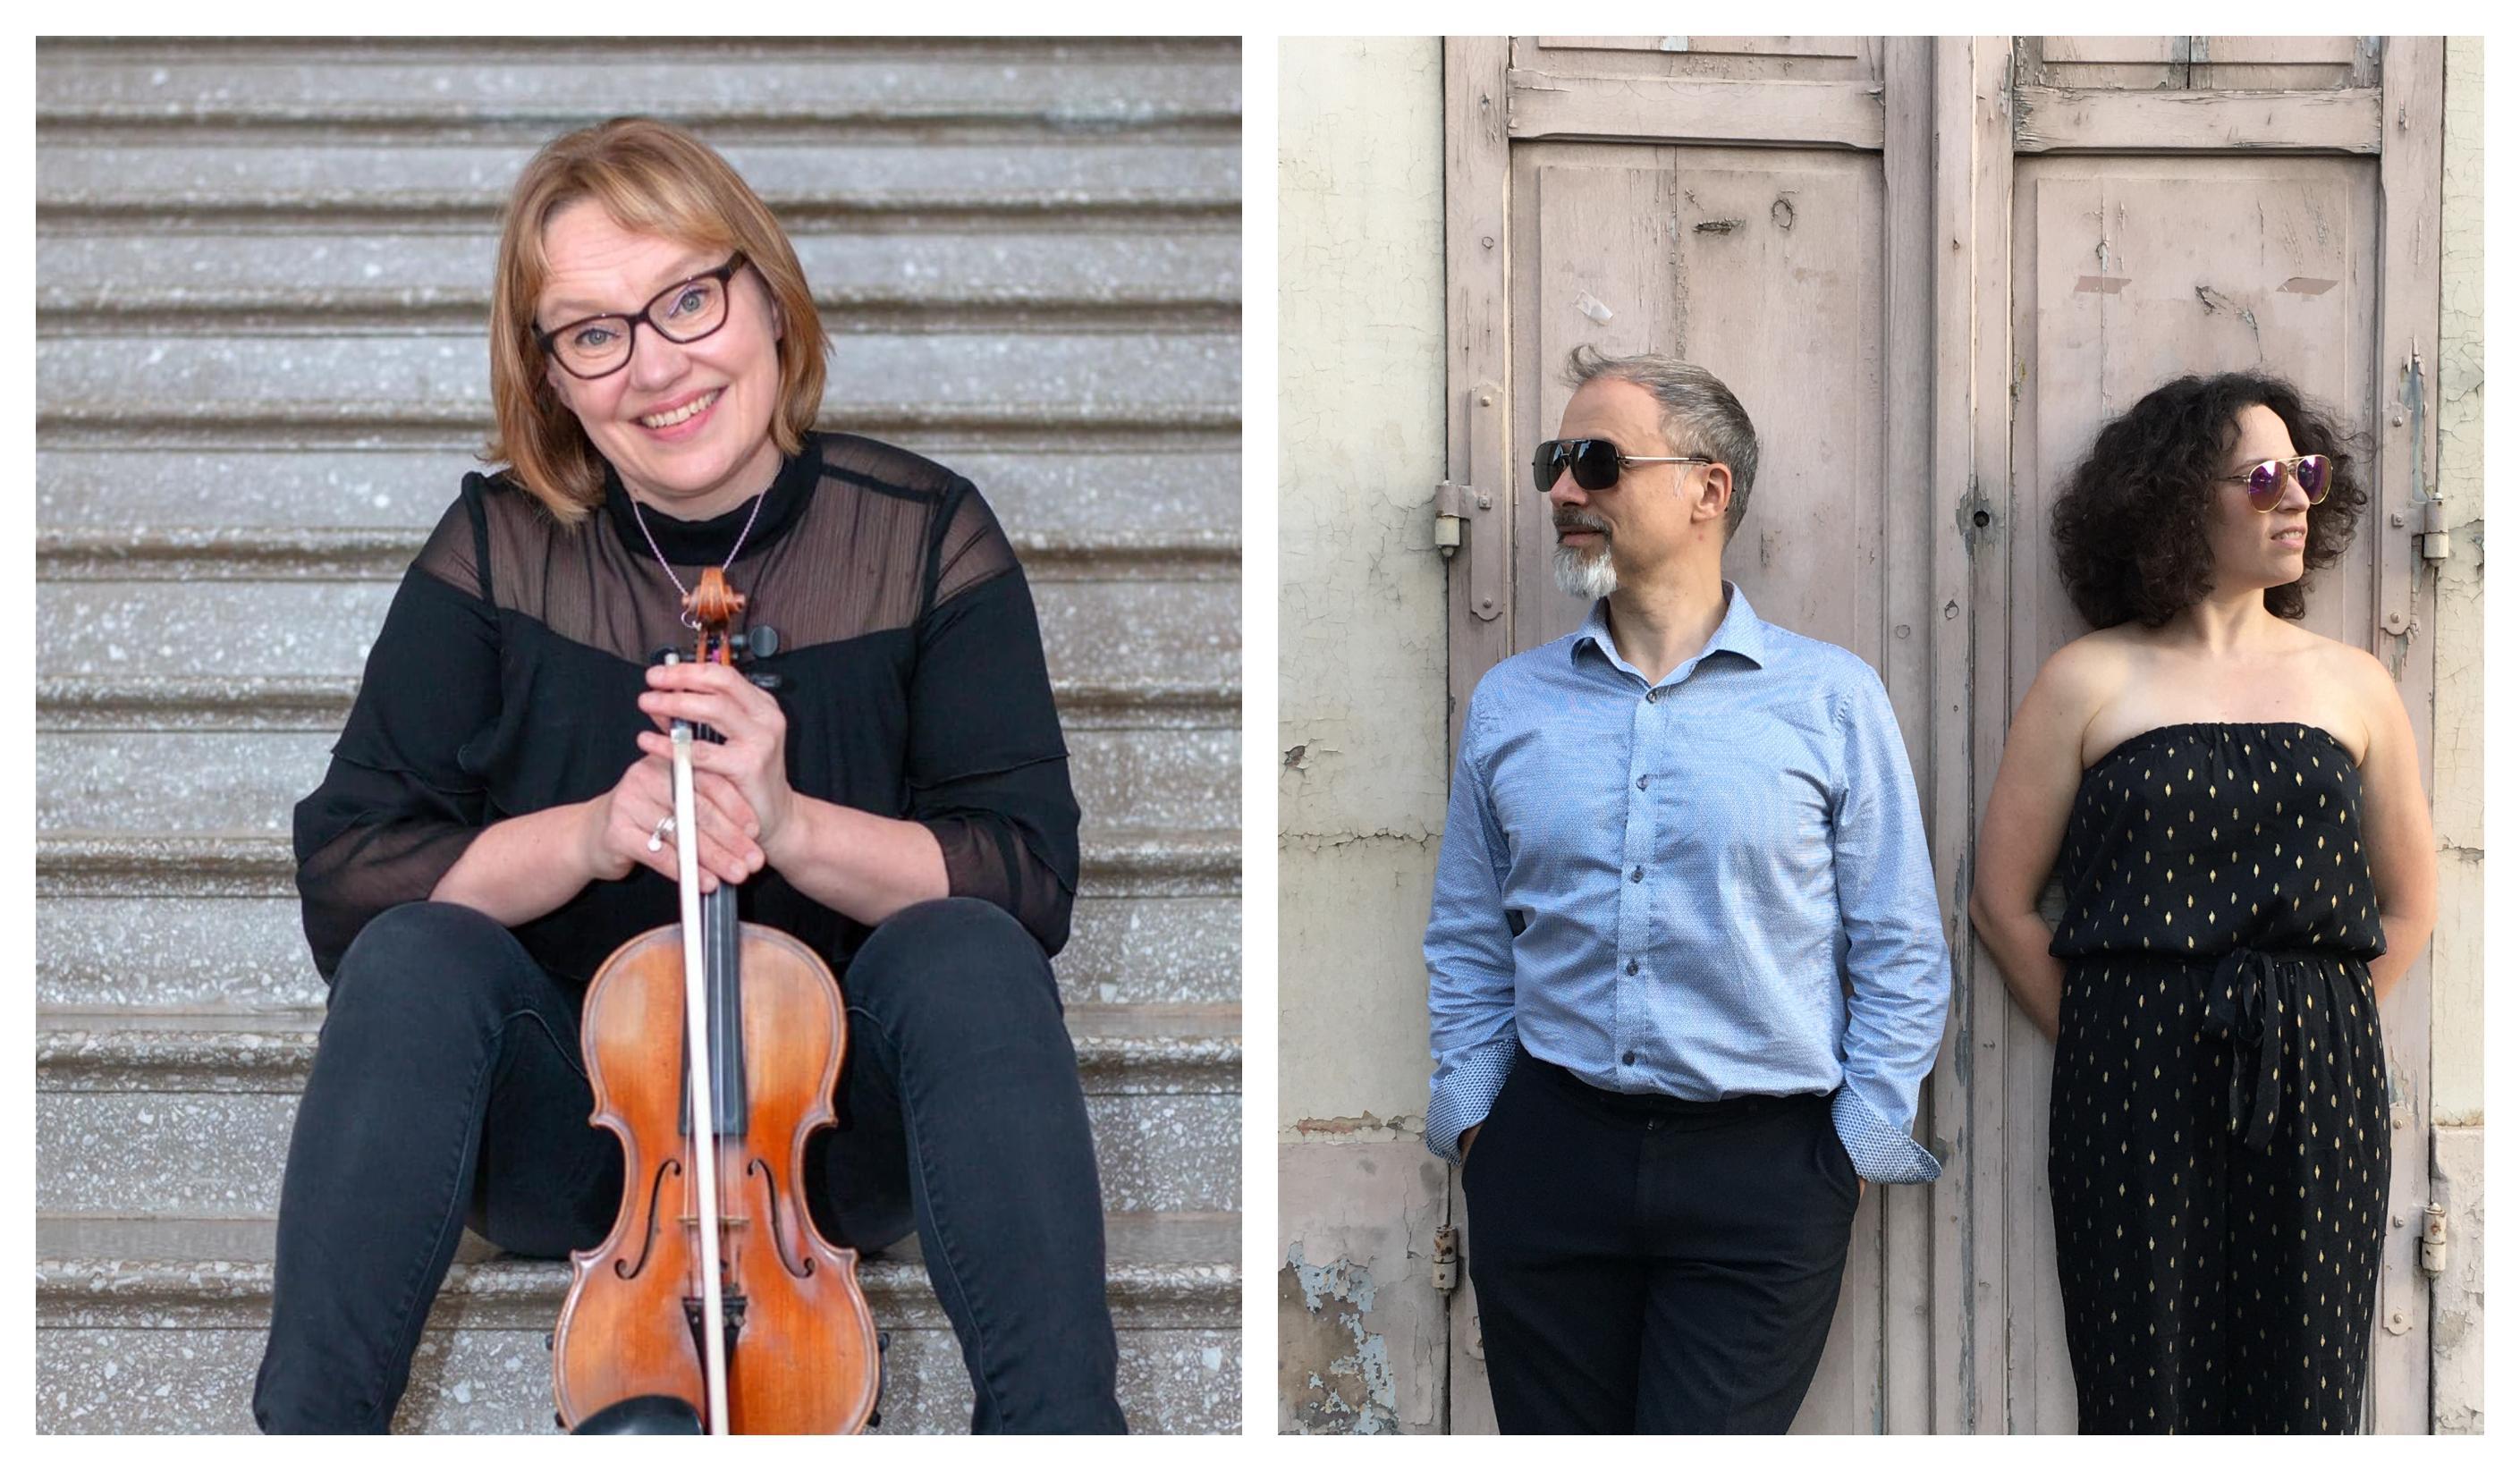 Klassinen konsertti verkossa: Trio Jyväskylä-Essen Beethoven Kontrasteja